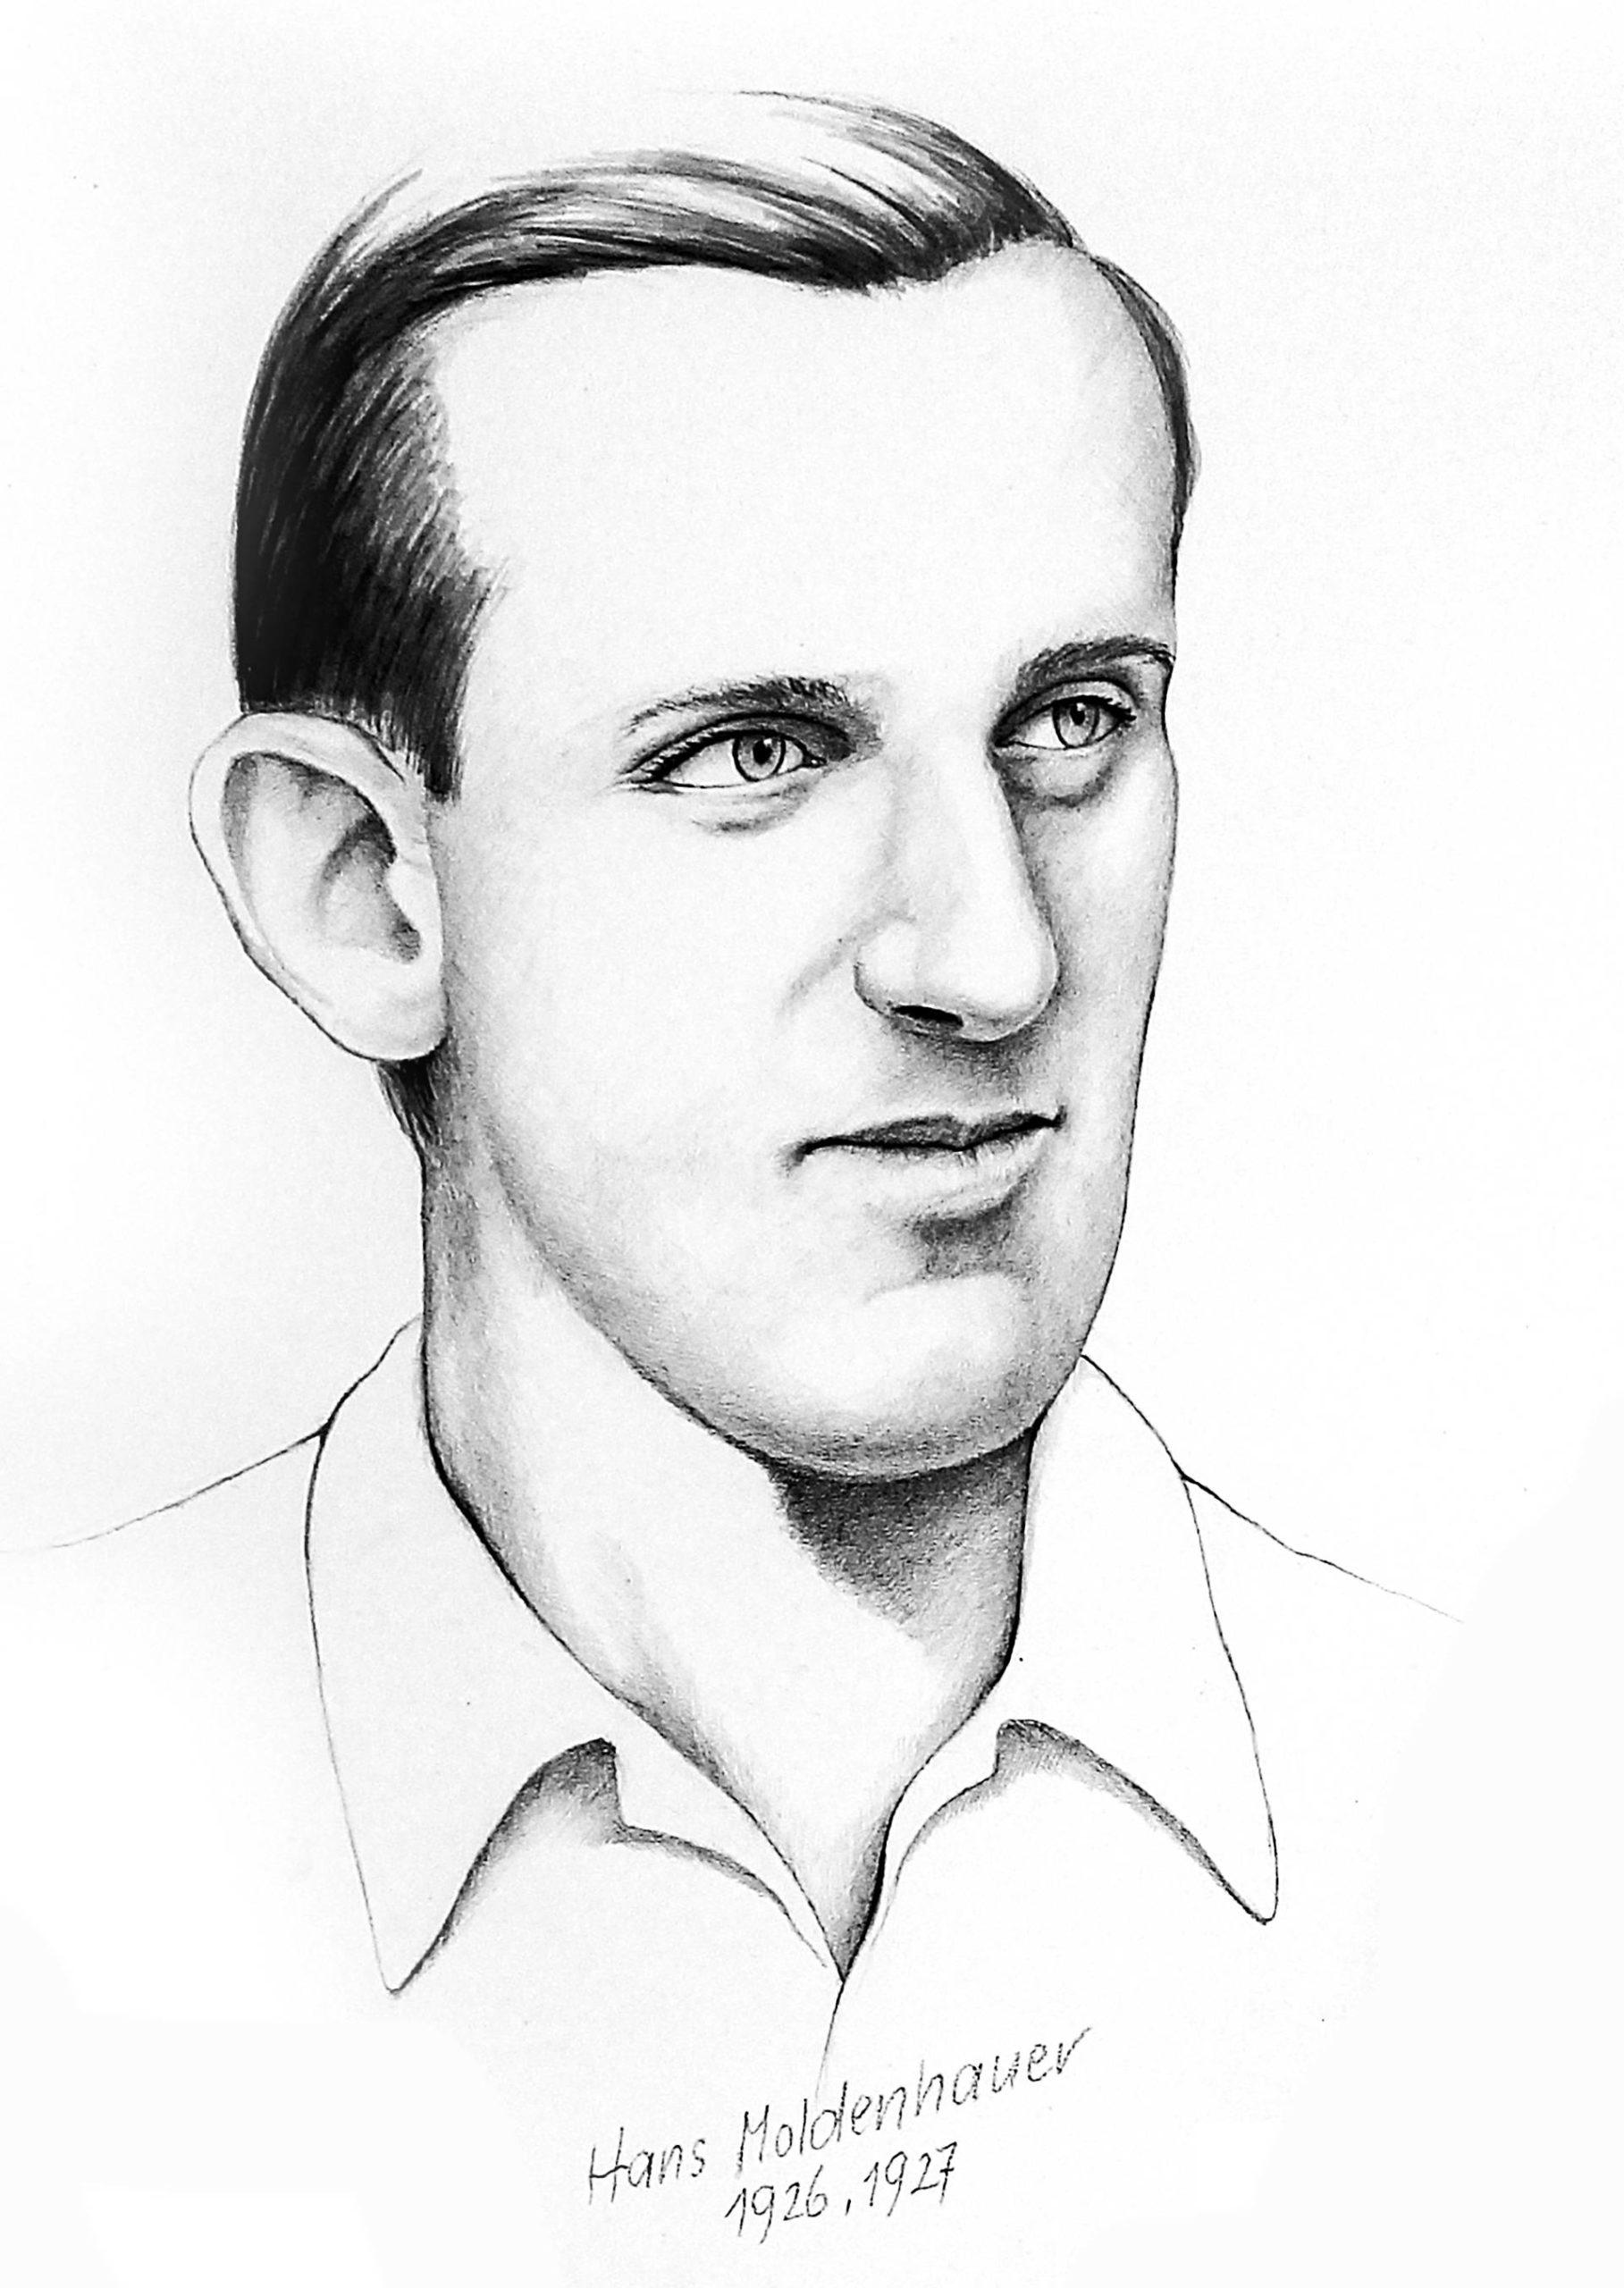 Hans Moldenhauer